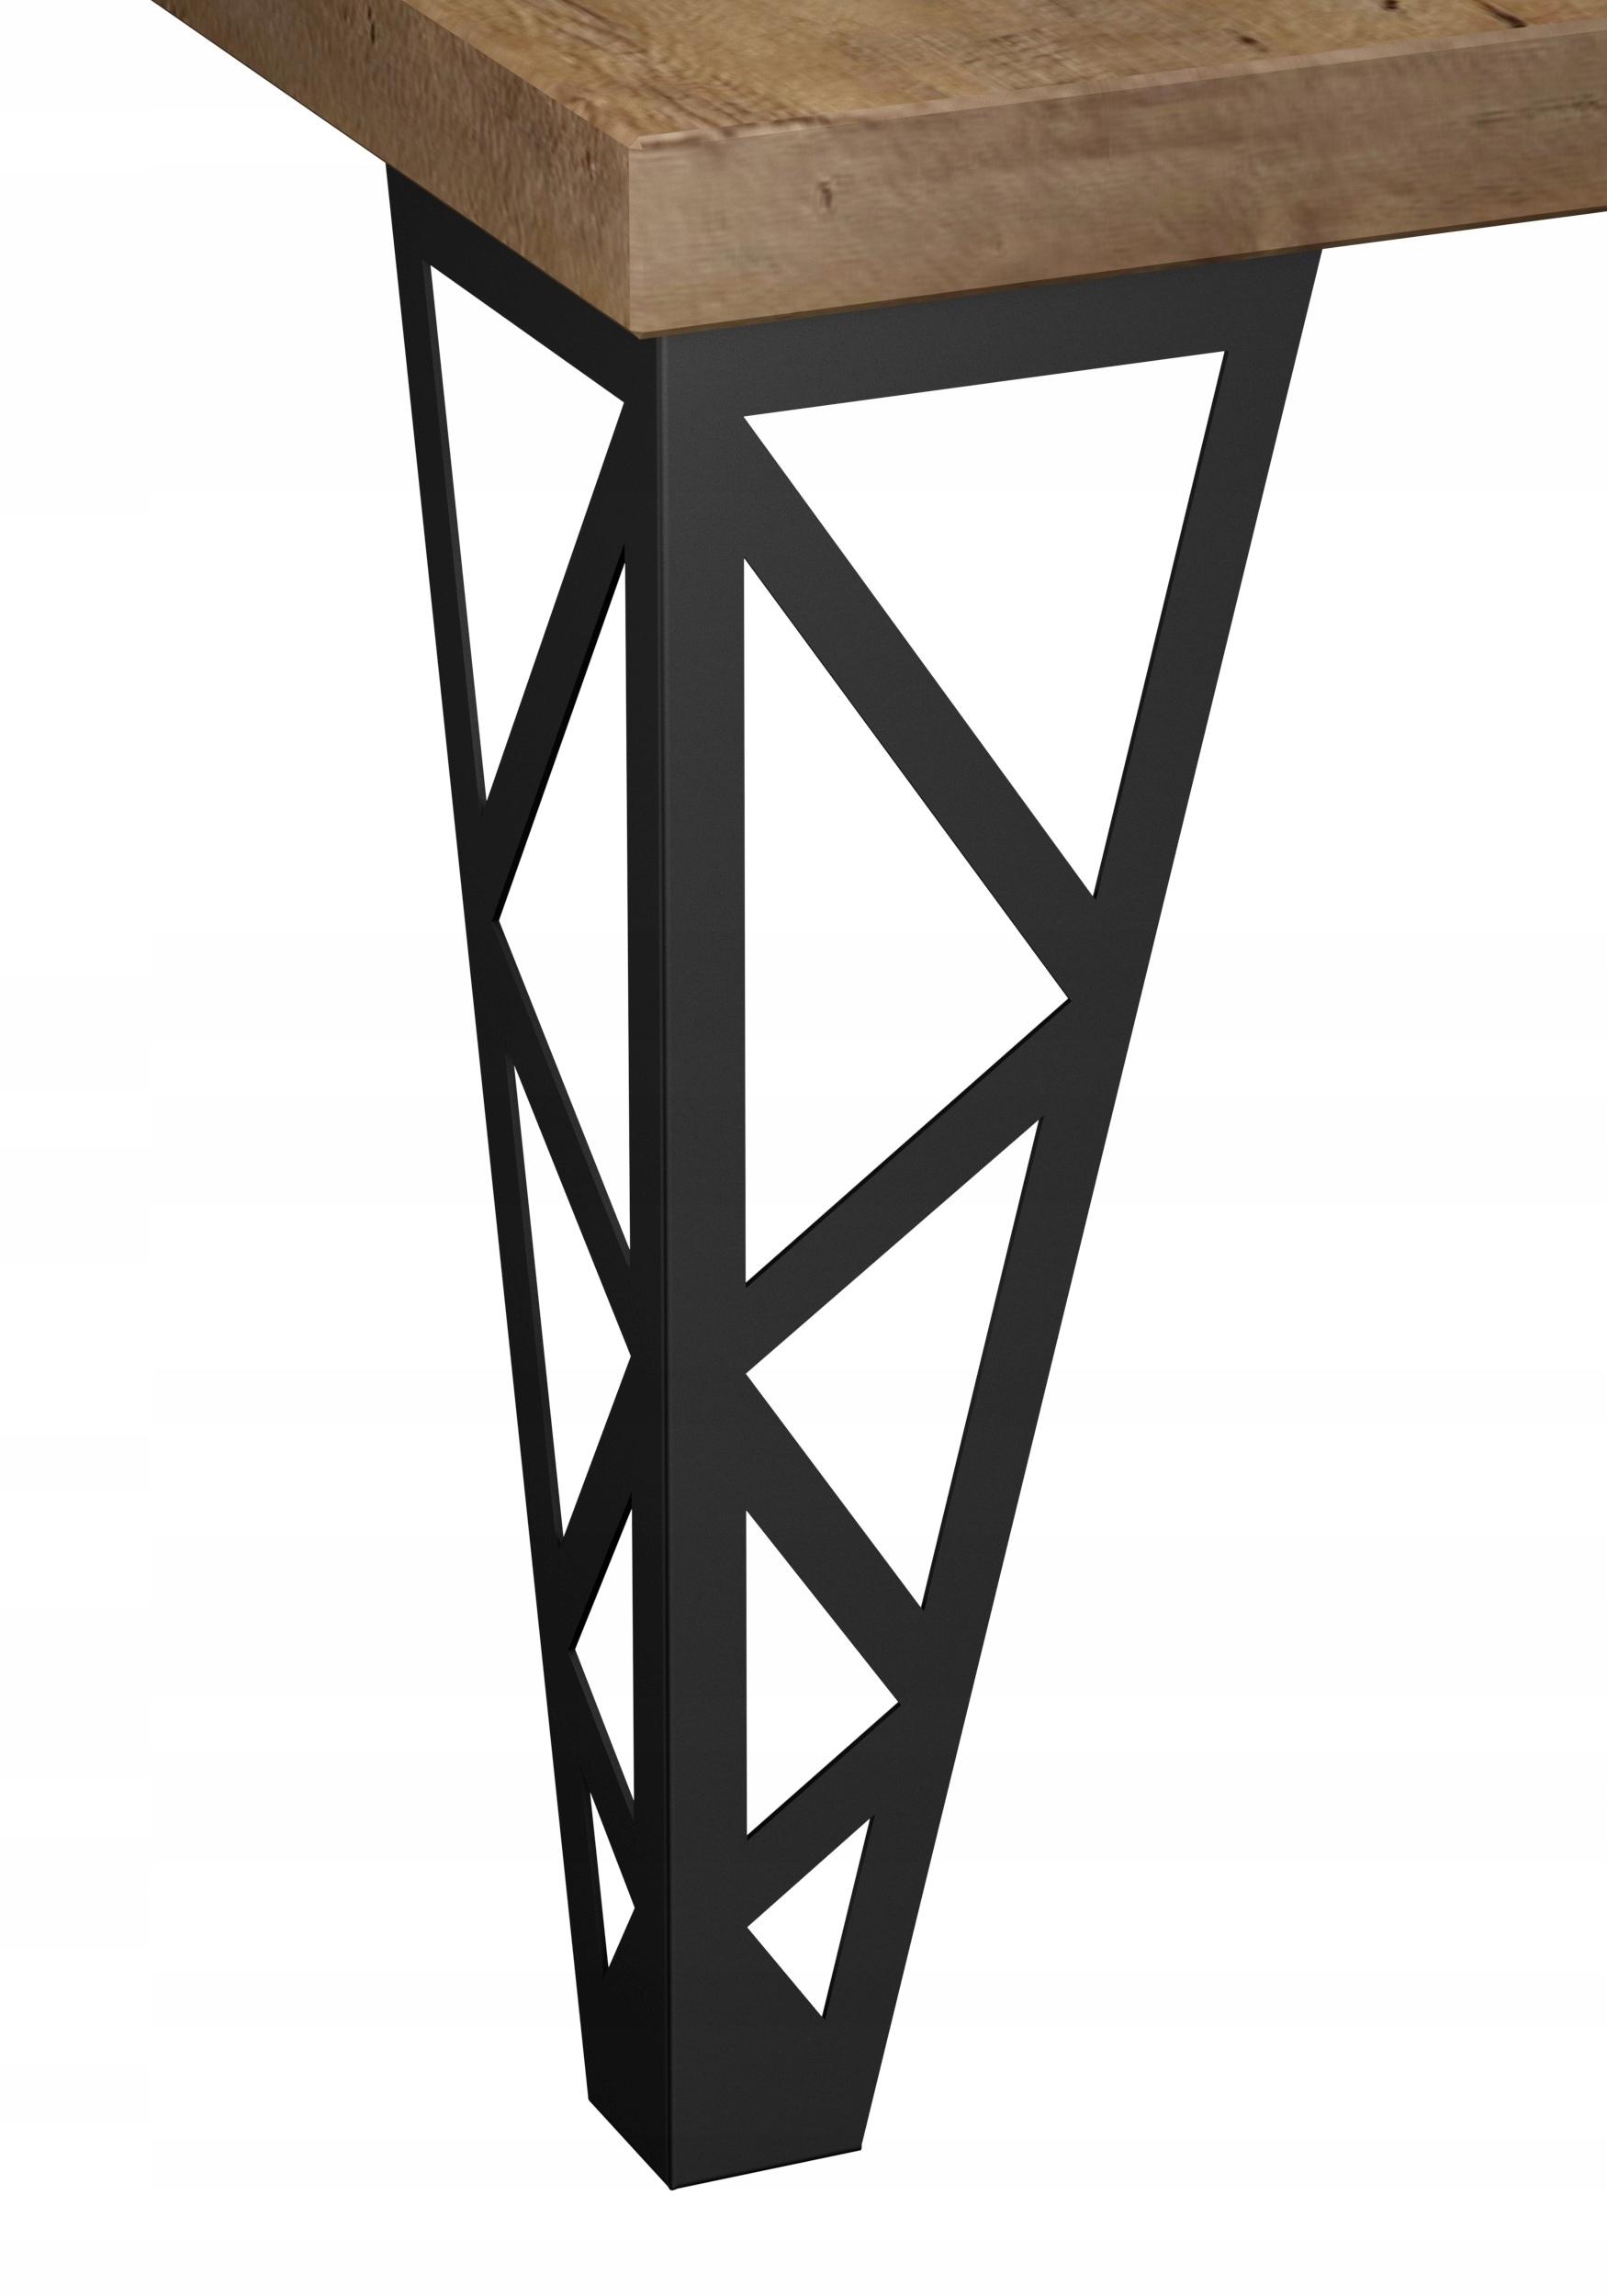 NOGA MEBLOWA LOFTOWA do ławy metalowa N17 40cm